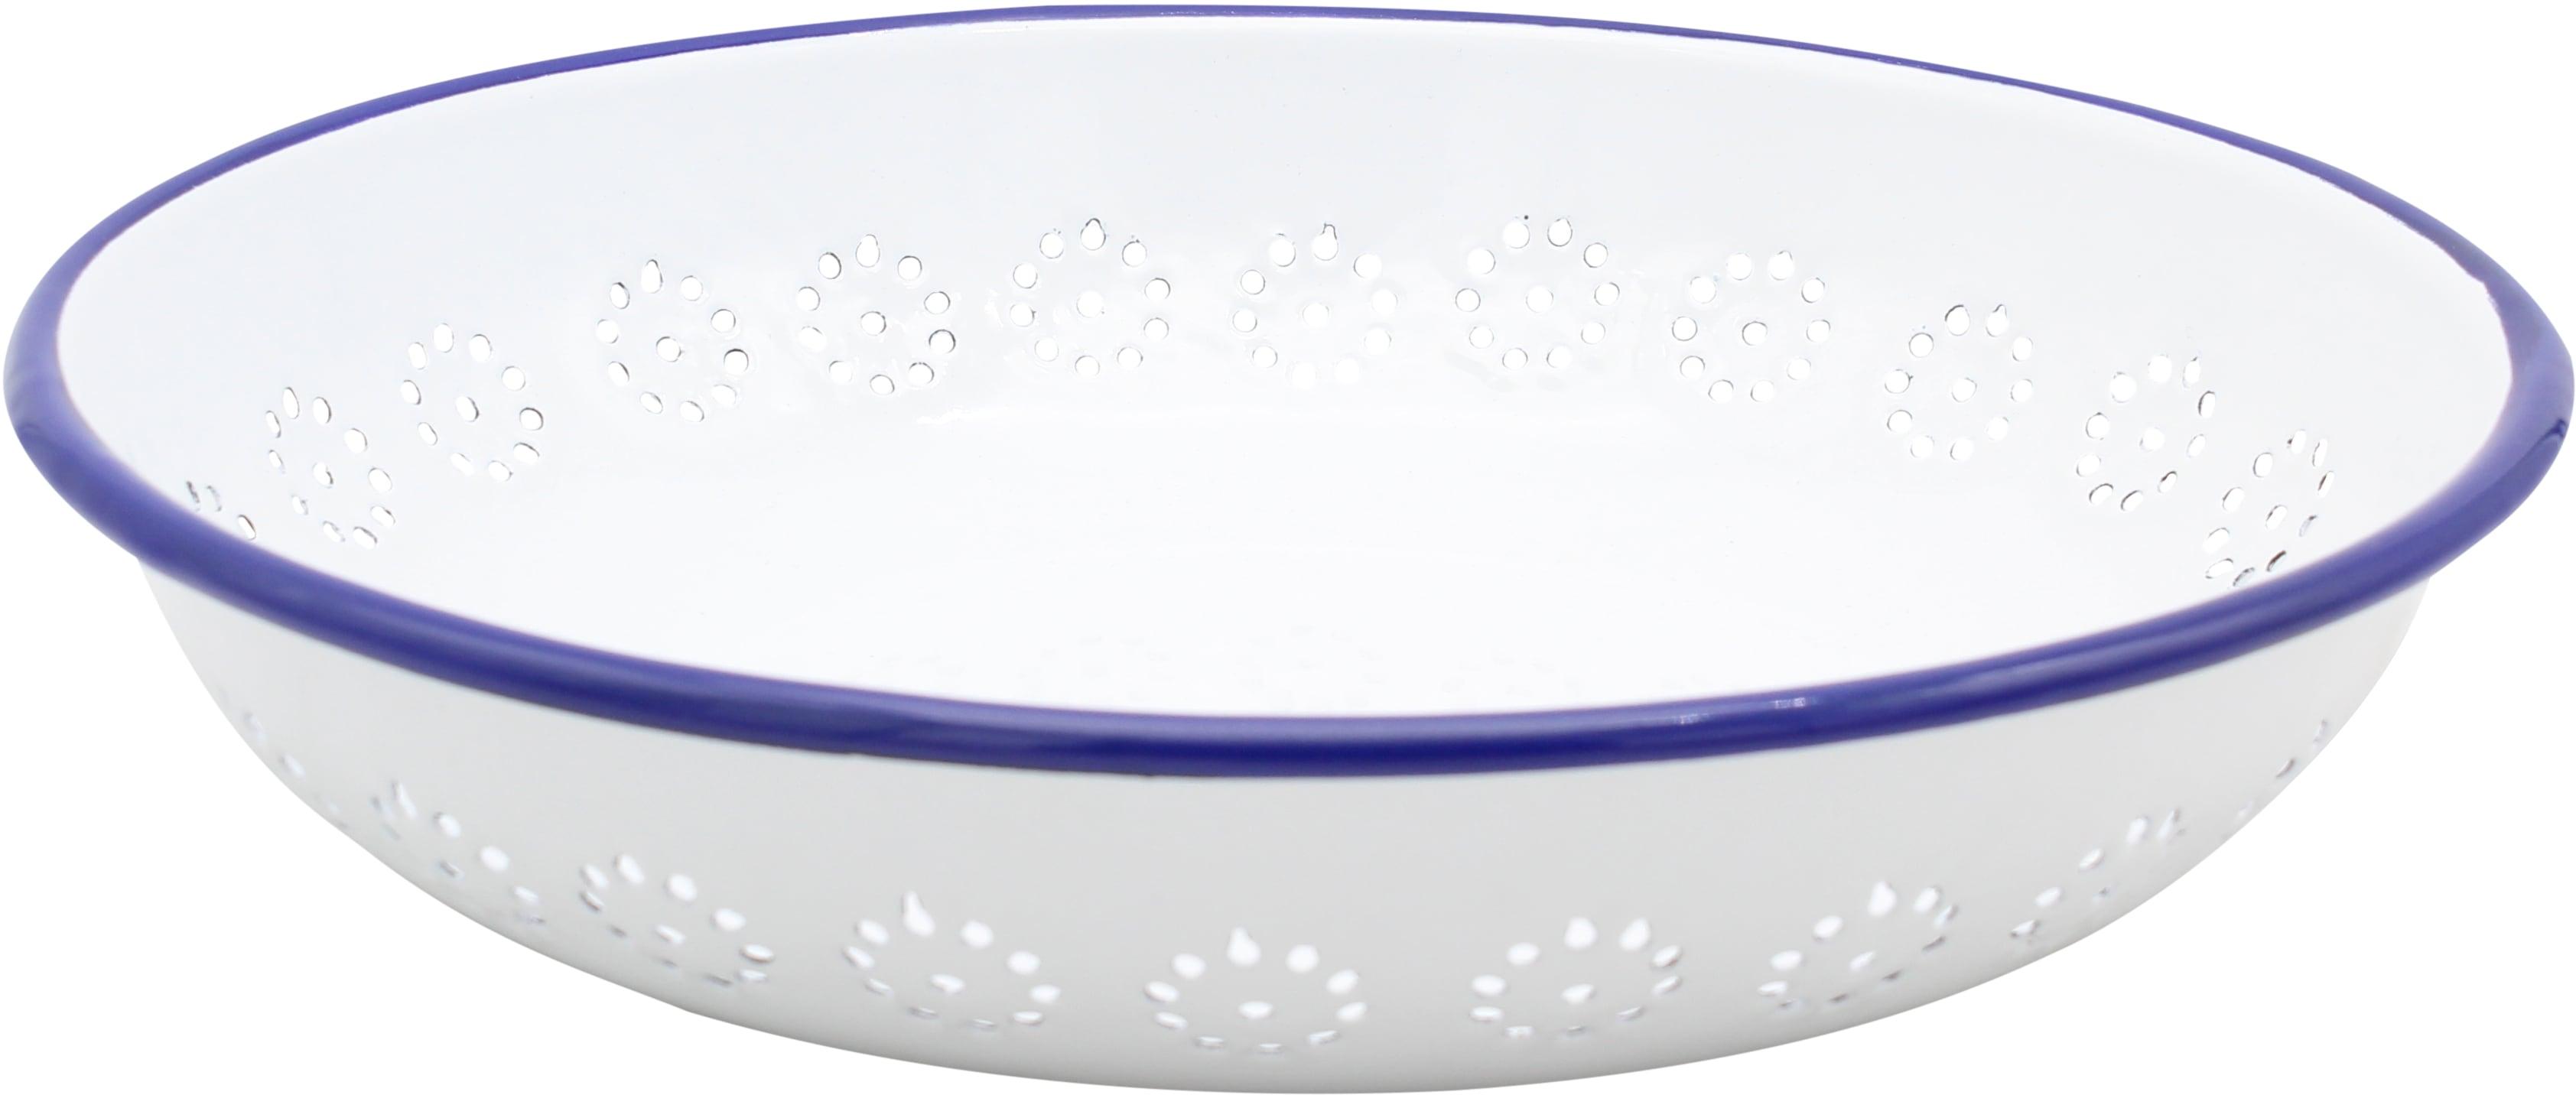 Krüger Brotkorb Husum, (1 tlg.), Ø 28 cm weiß Aufbewahrung Küchenhelfer Haushaltswaren